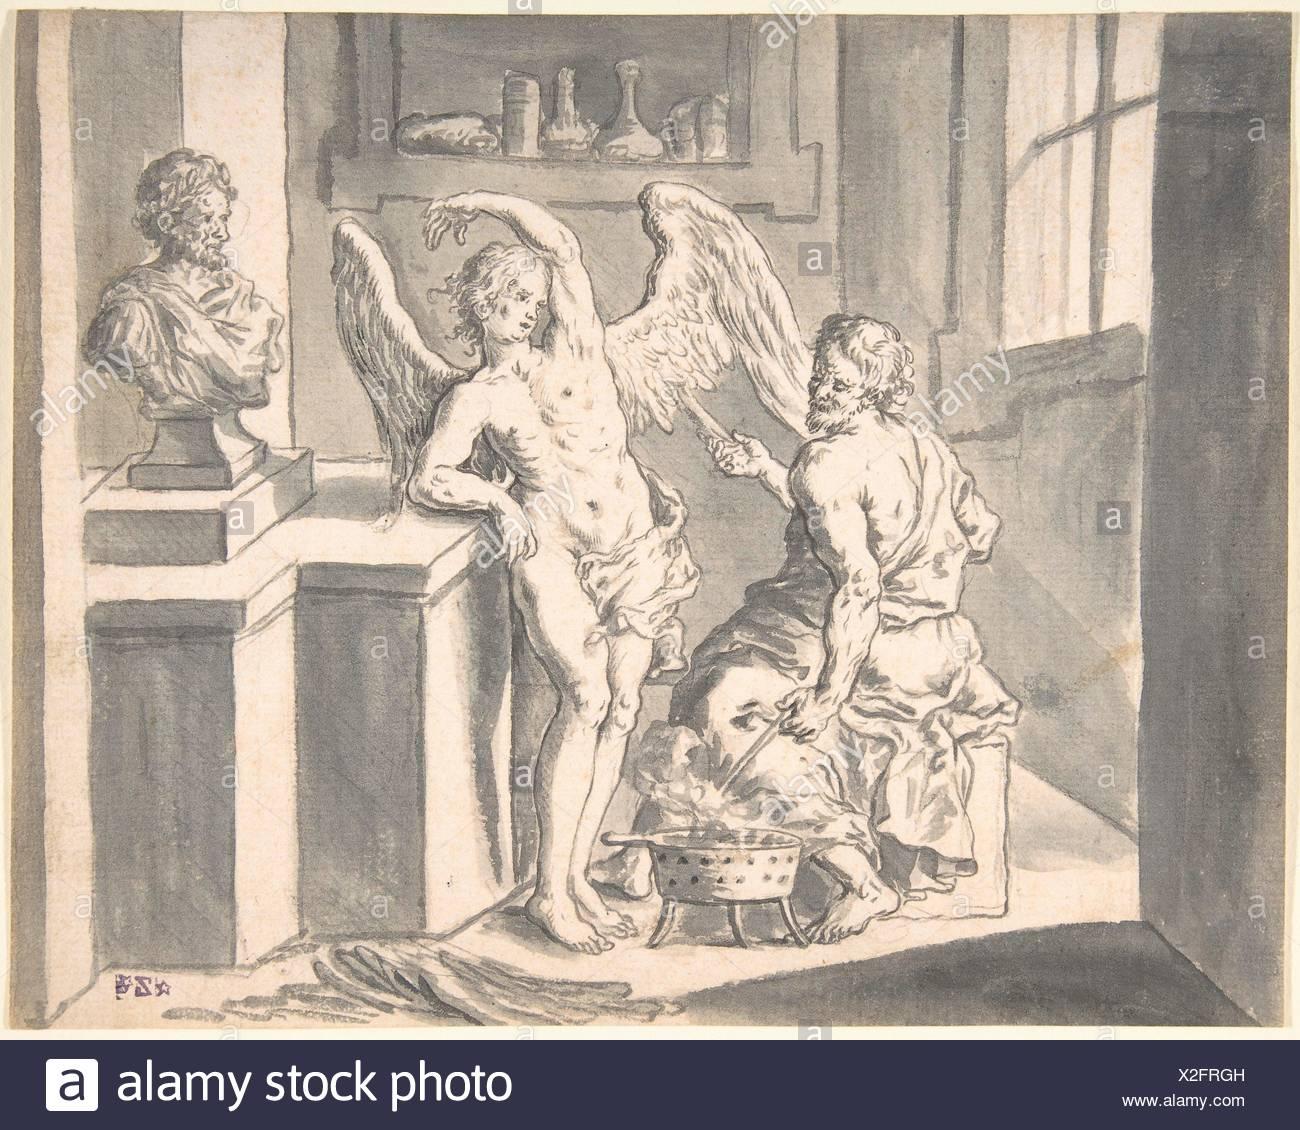 Daedalus formando las alas de Ícaro fuera de cera. Artista: Franz Xaver Littisch Wagenschön austríaco, 1726-1790 (Viena); Fecha: Siglo XVIII; media: Imagen De Stock